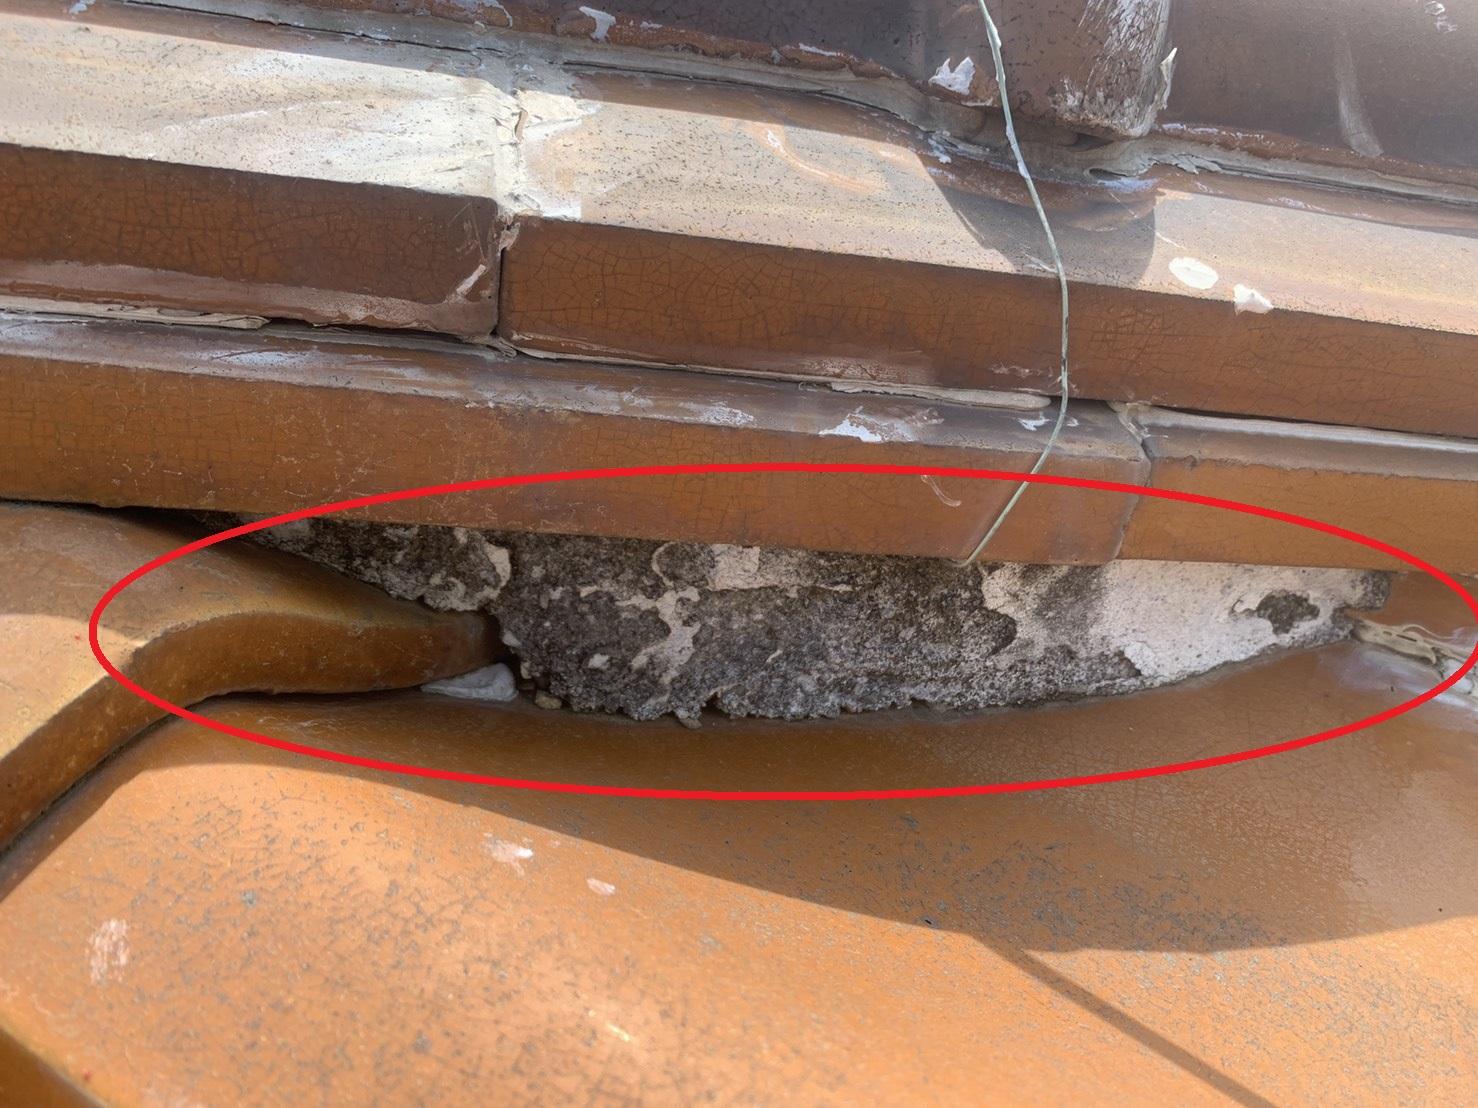 雨漏りが原因で漆喰の表面が劣化している様子